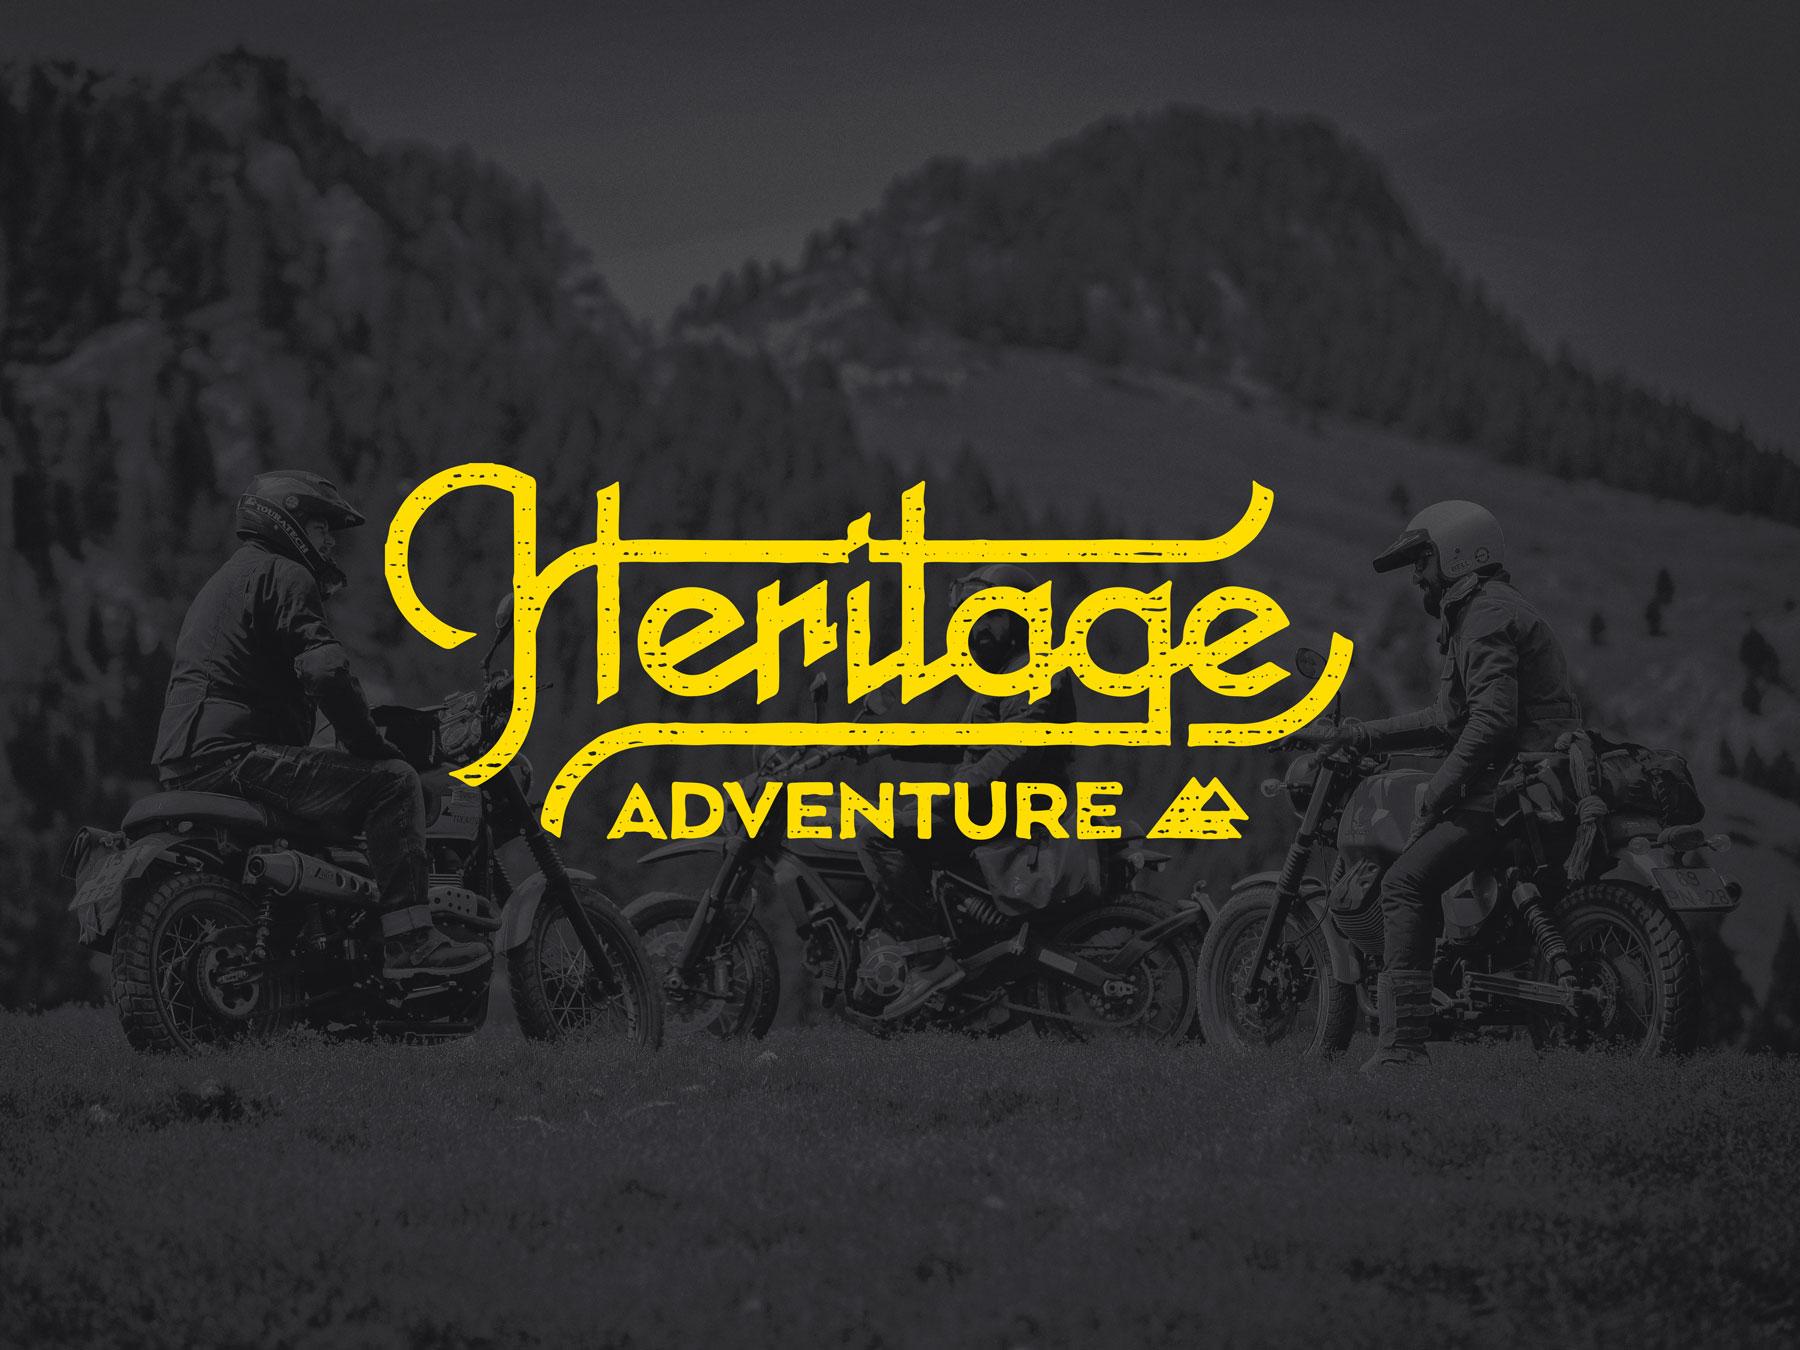 Man sieht das Logo von Heritage Adventure von TOURATECH. Die gelbe Schrift steht vor dunklem Hintergrund, in dem eine Gruppe Motorradfahrer im Gebirge zu erkennen ist. Das Corporate Design ist von MAJORMAJOR.